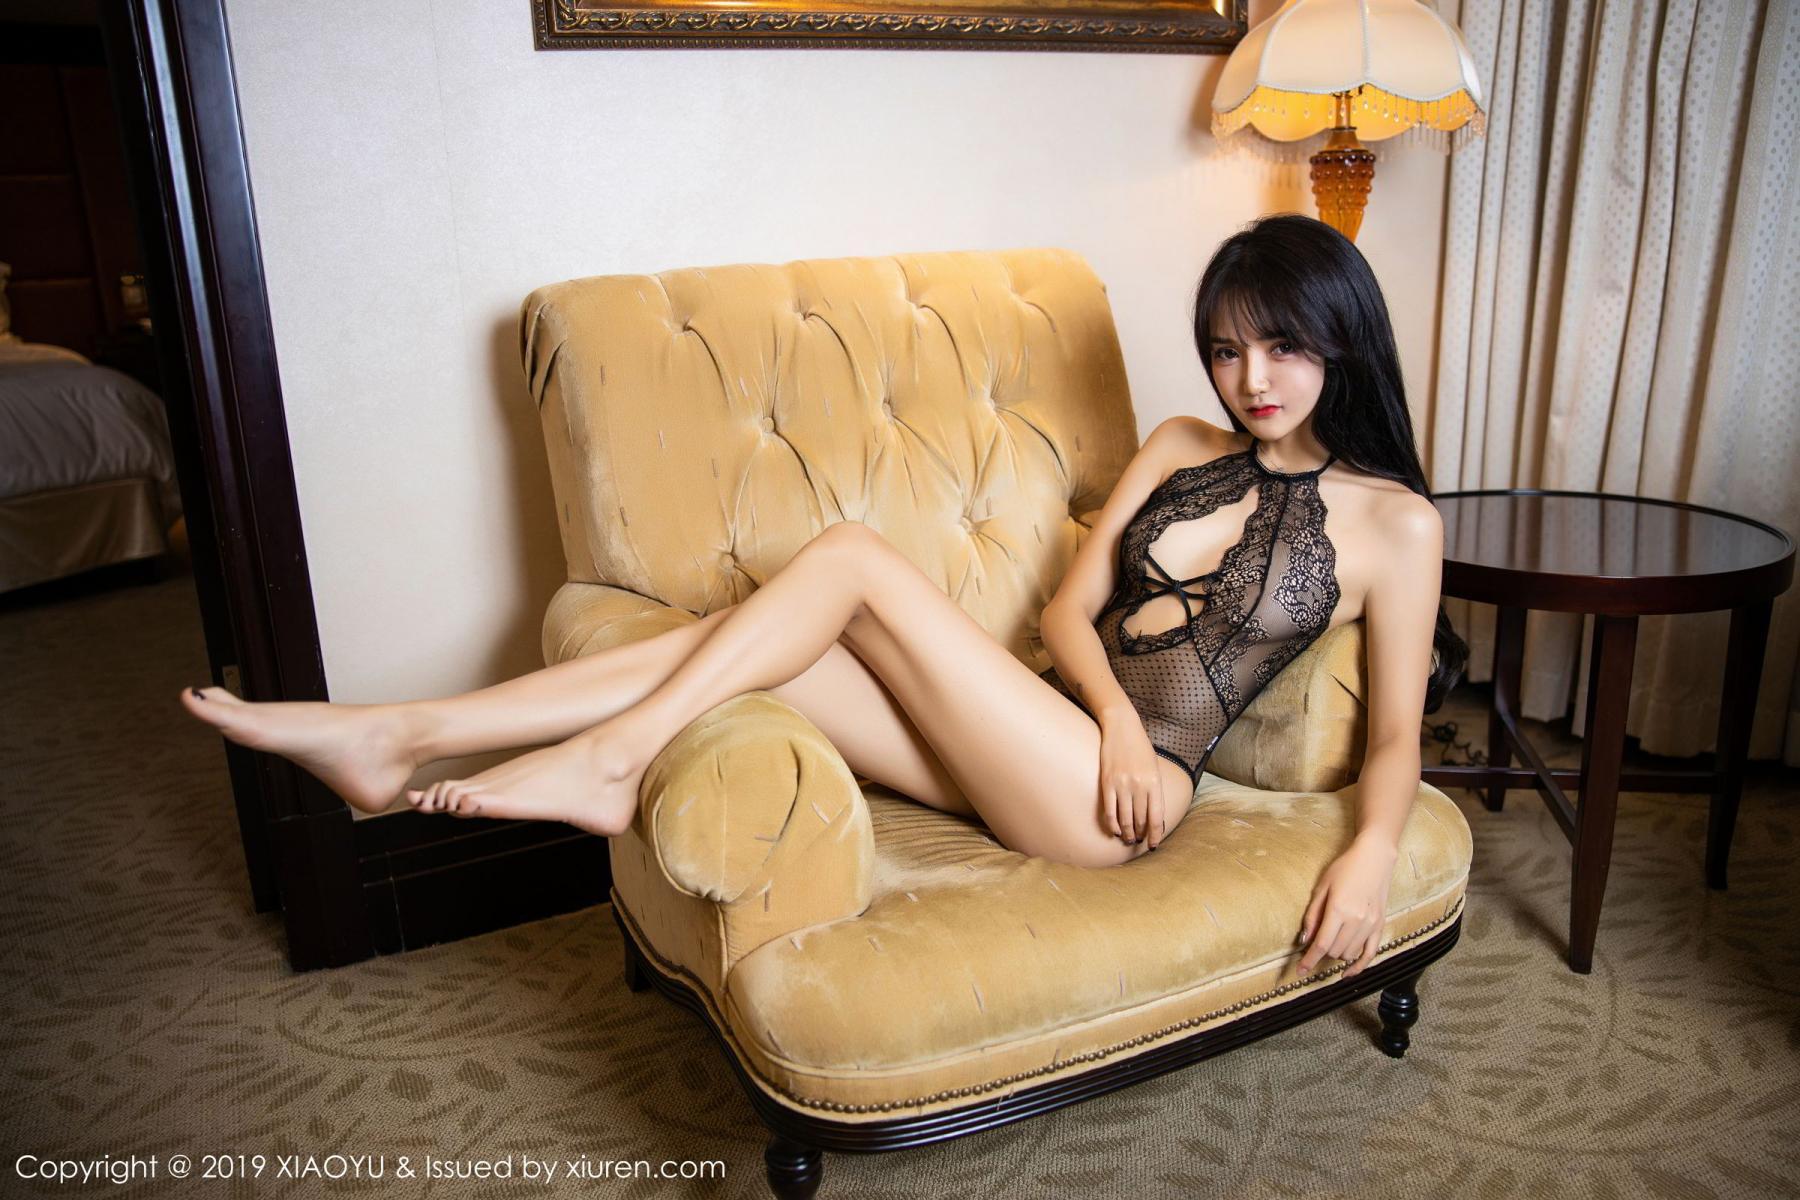 [XiaoYu] Vol.200 Miko Jiang 7P, Miko Jiang, Slim, Tall, Underwear, XiaoYu